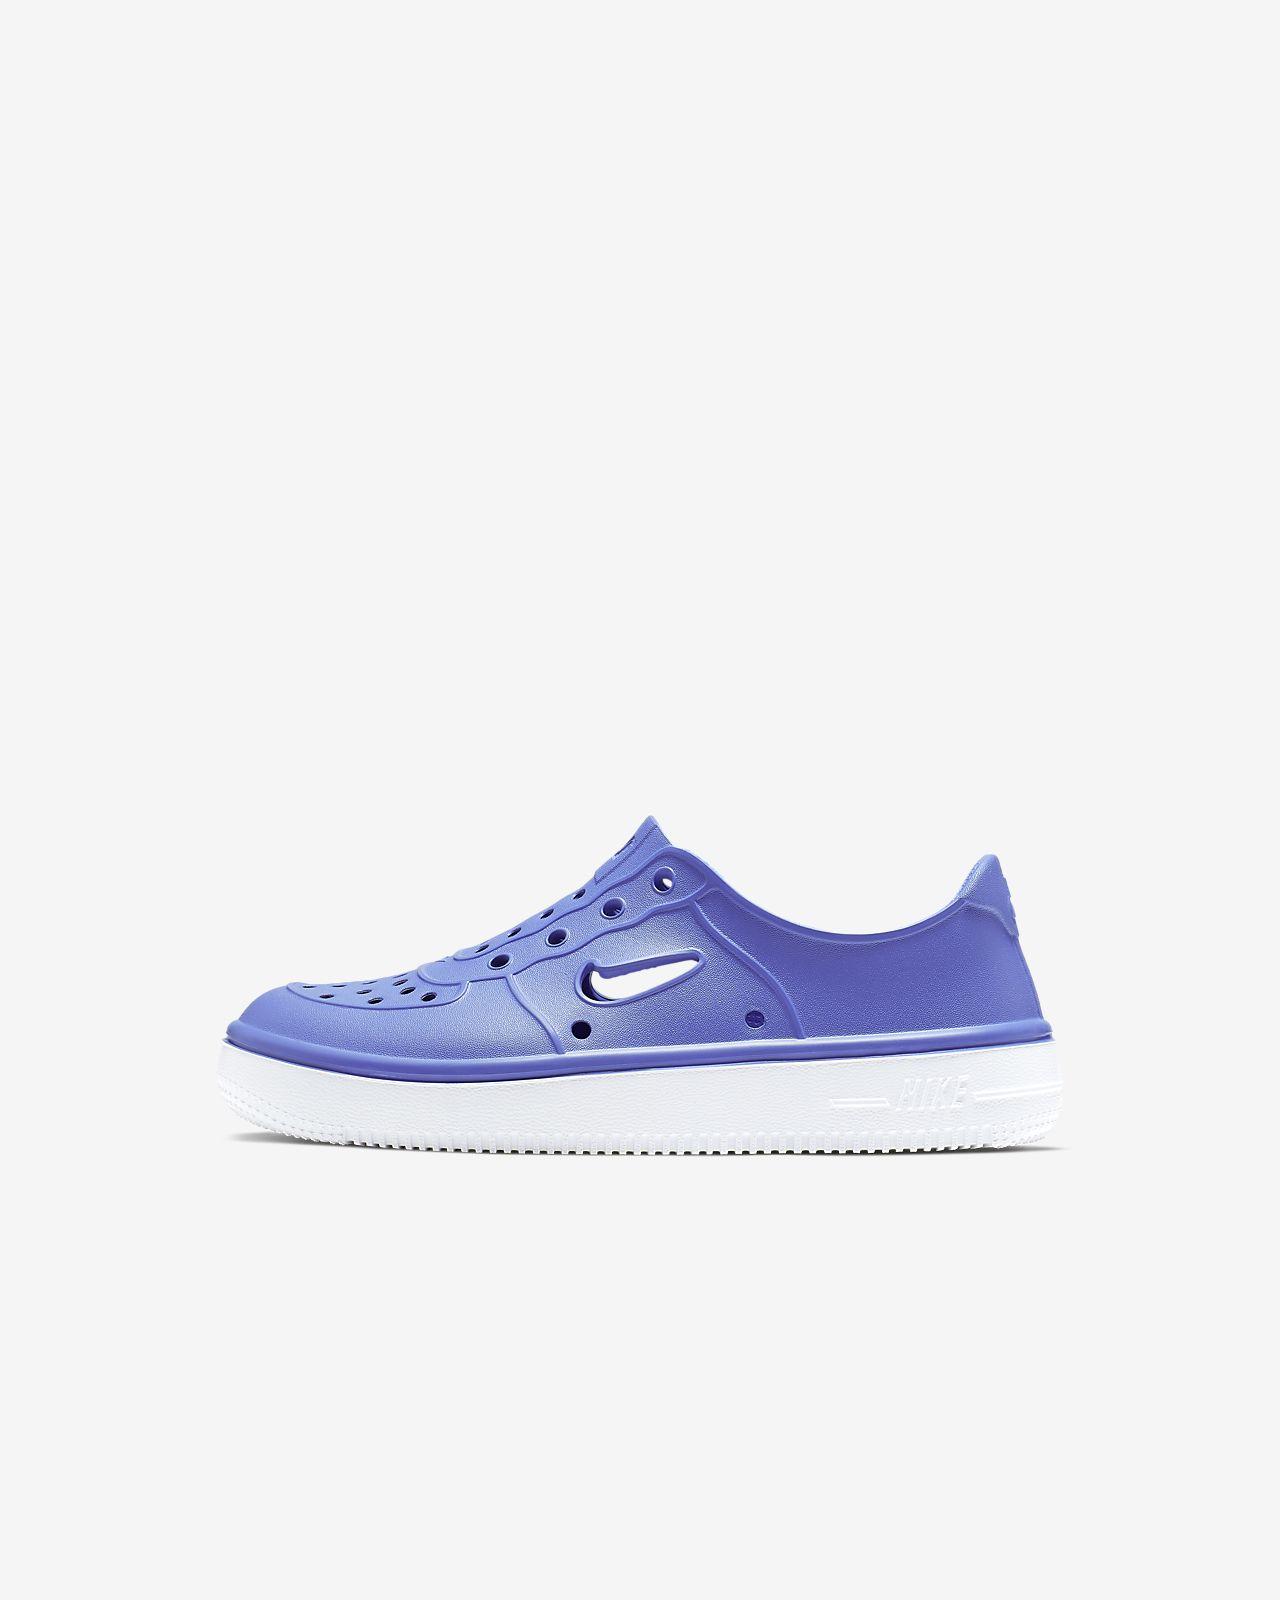 Sko Nike Foam Force 1 för barn